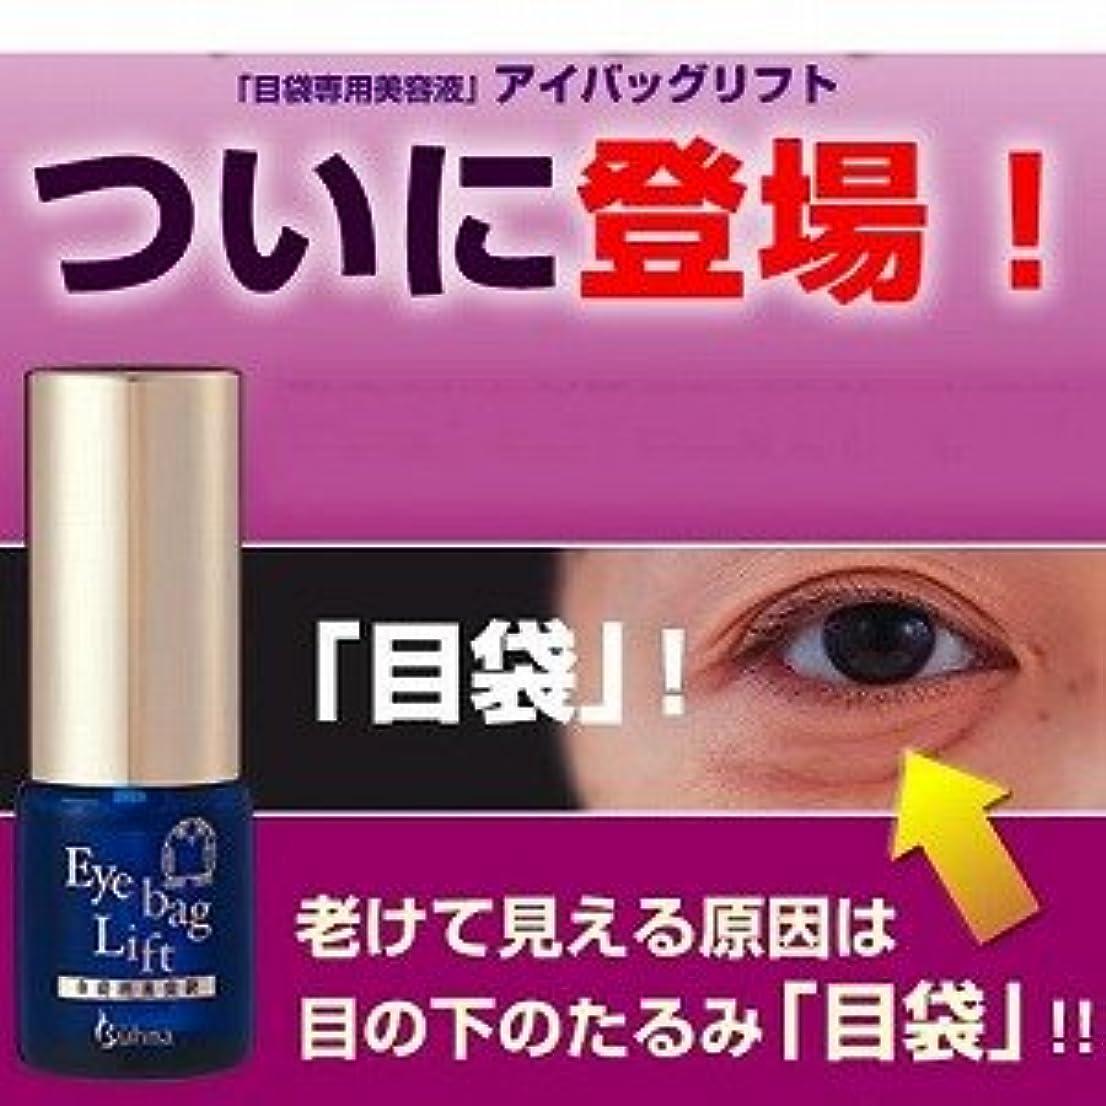 ケーブル日没バルセロナ老けて見える原因は、目元、目の下のたるみ「目袋」『目袋専用美容液 アイバッグリフト』